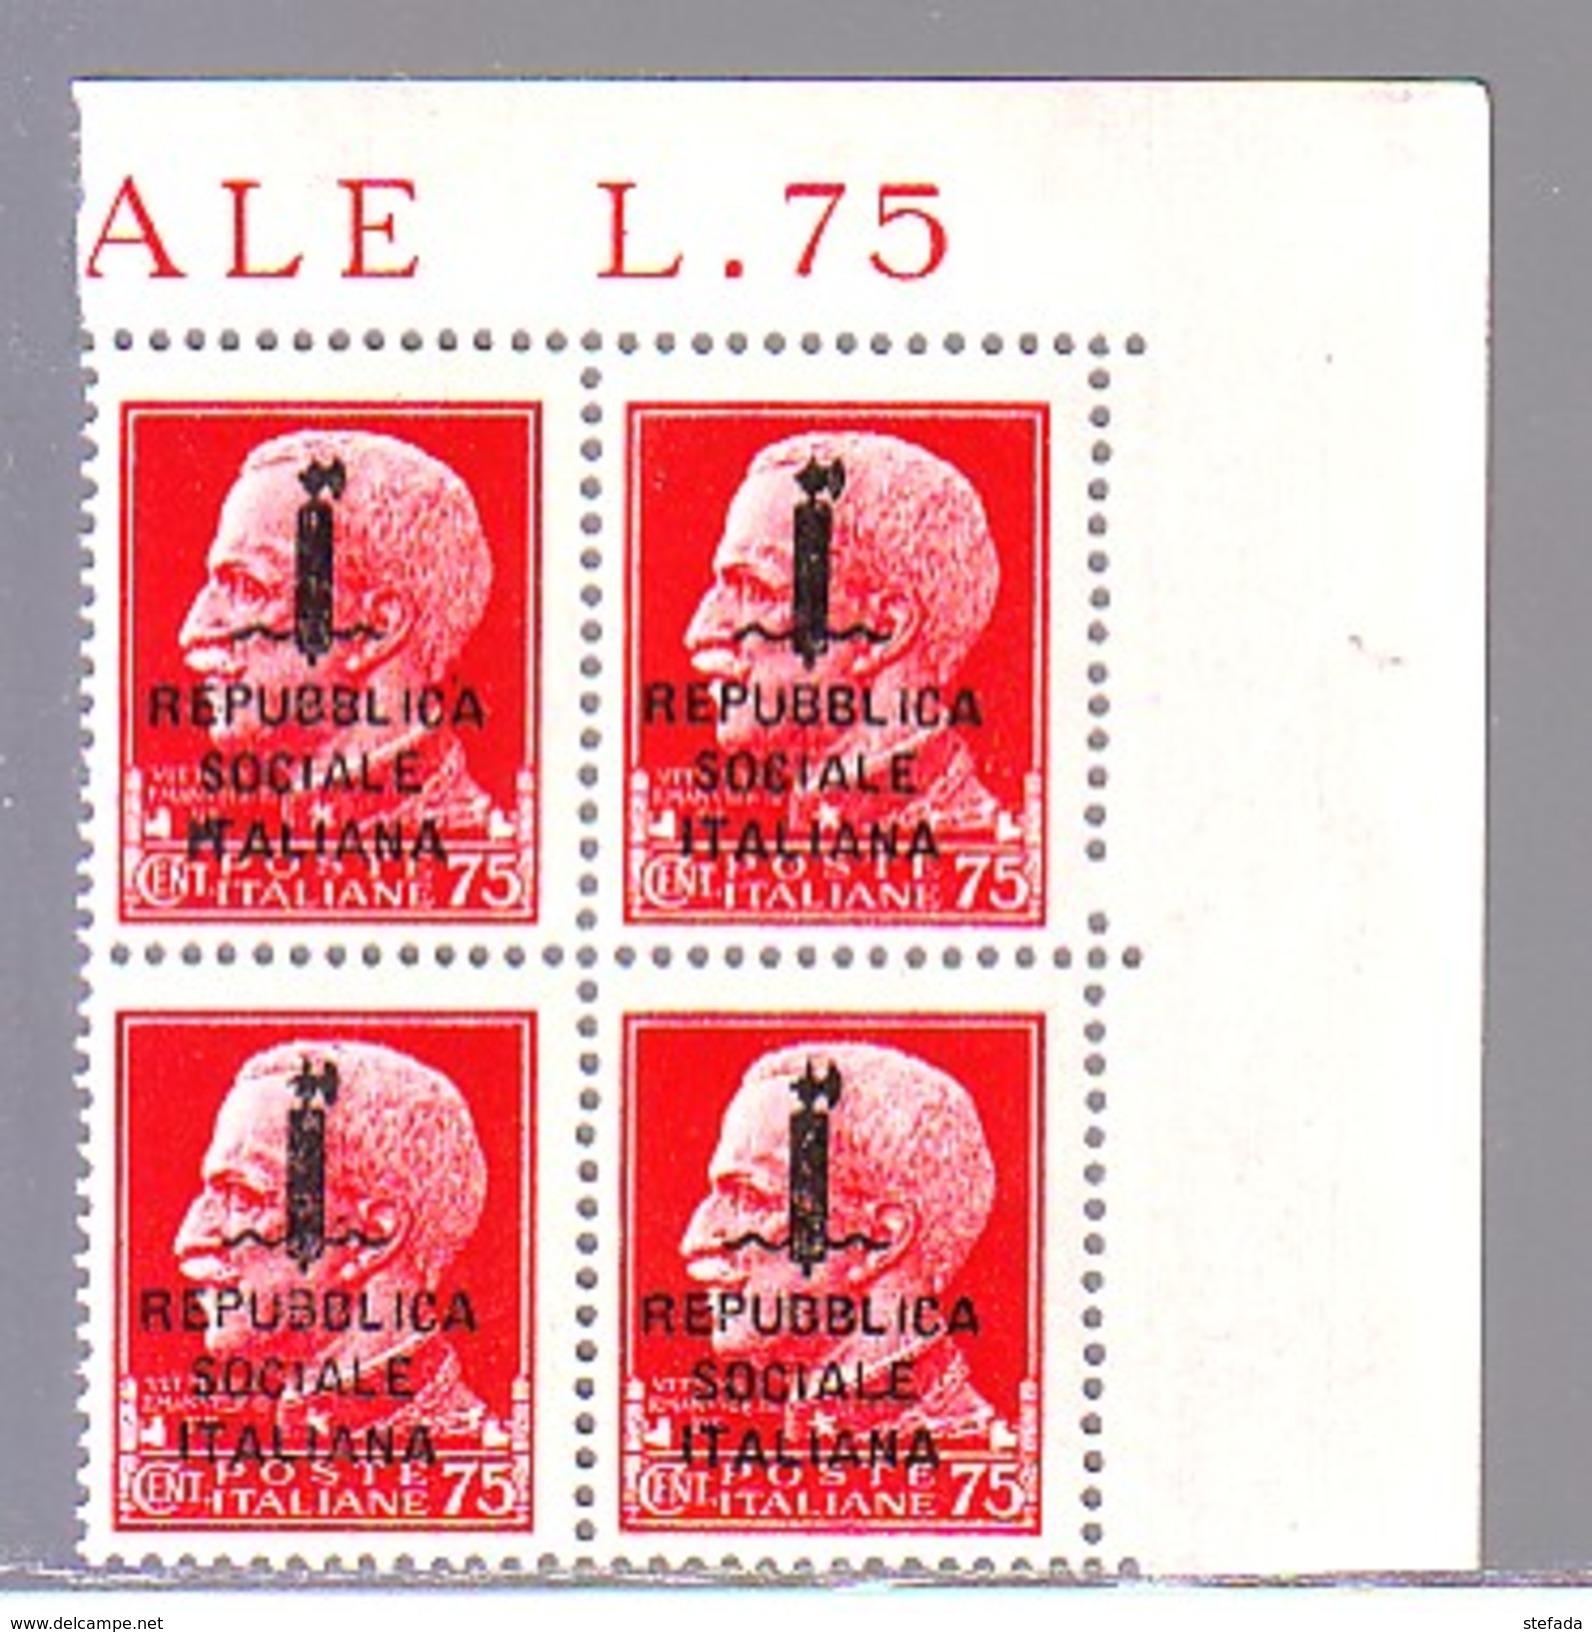 RSI 1944  ITALY  ITALIEN  MNH ** REPUBBLICA SOCIALE   75 Cent.  IMPERIALE SOPRAST. QUARTINA - Nuovi